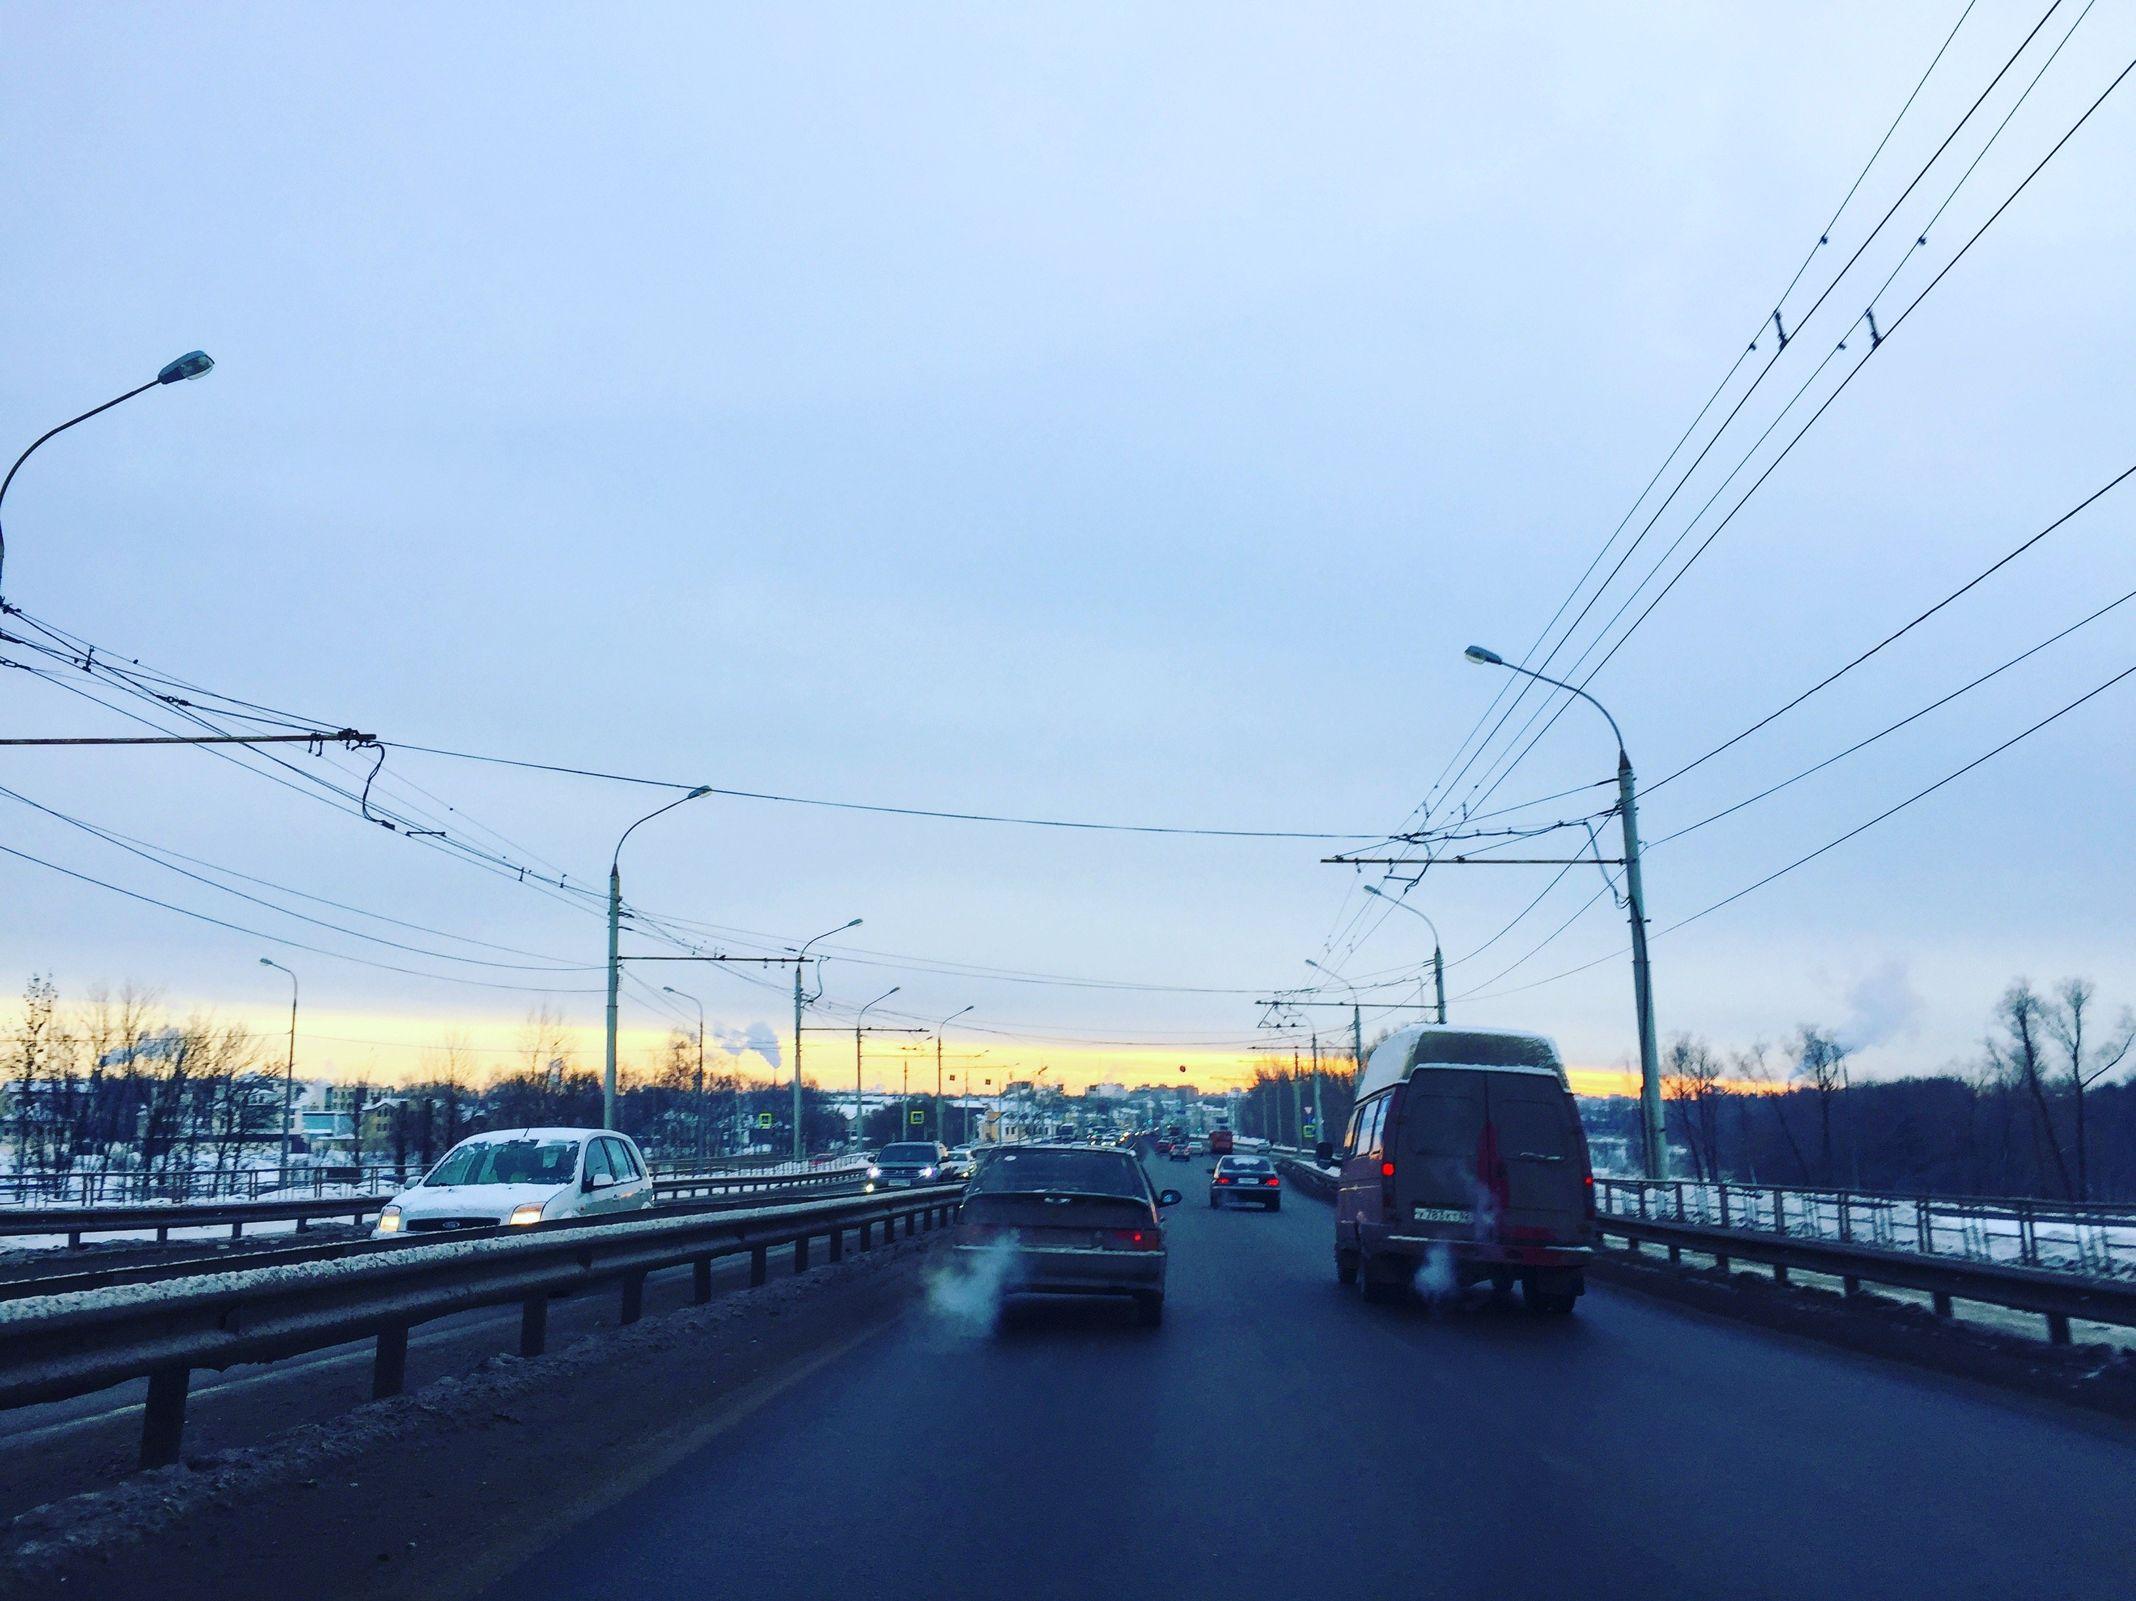 На Московском проспекте в Ярославле сбили насмерть мужчину с собакой